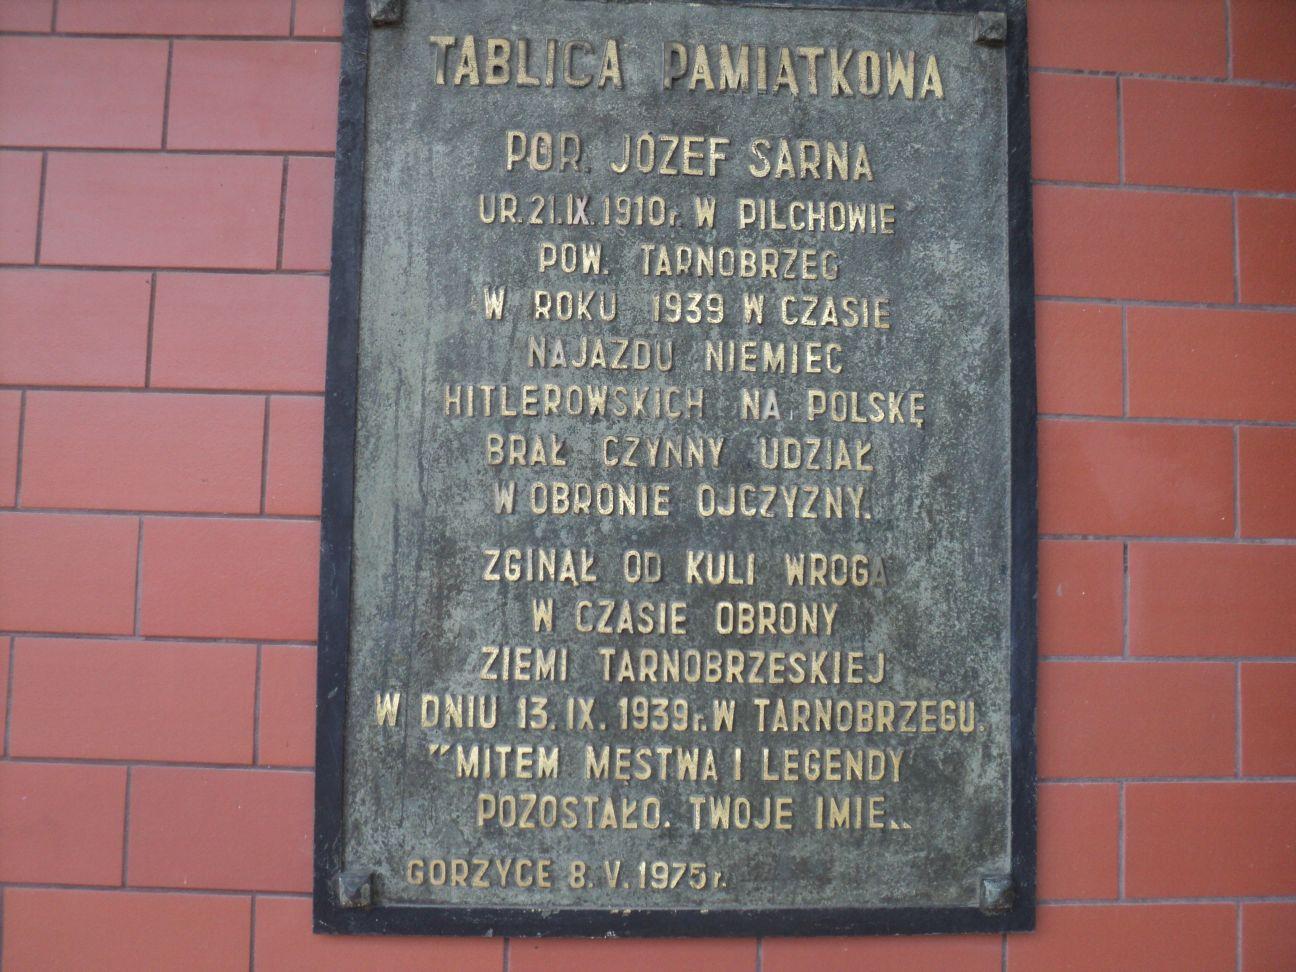 Tablica pamiątkowa Józefa Sarny